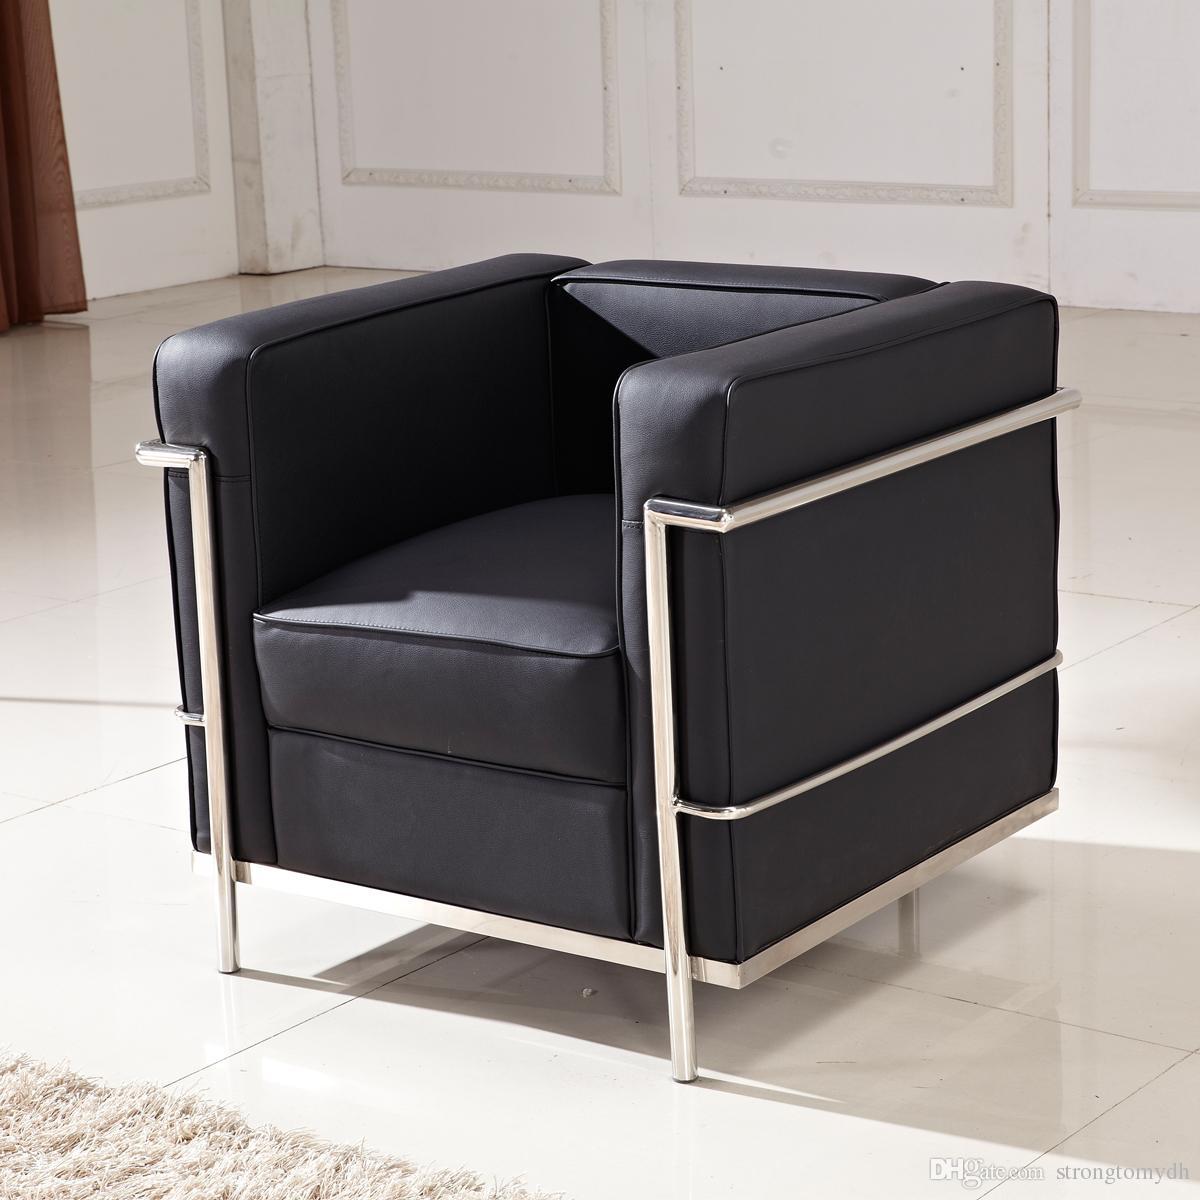 acheter le corbusier lc2 petit canape confort cuir meubles de salon salle de conference canape lit canape lit audiovisuel canape lit de 209 05 du